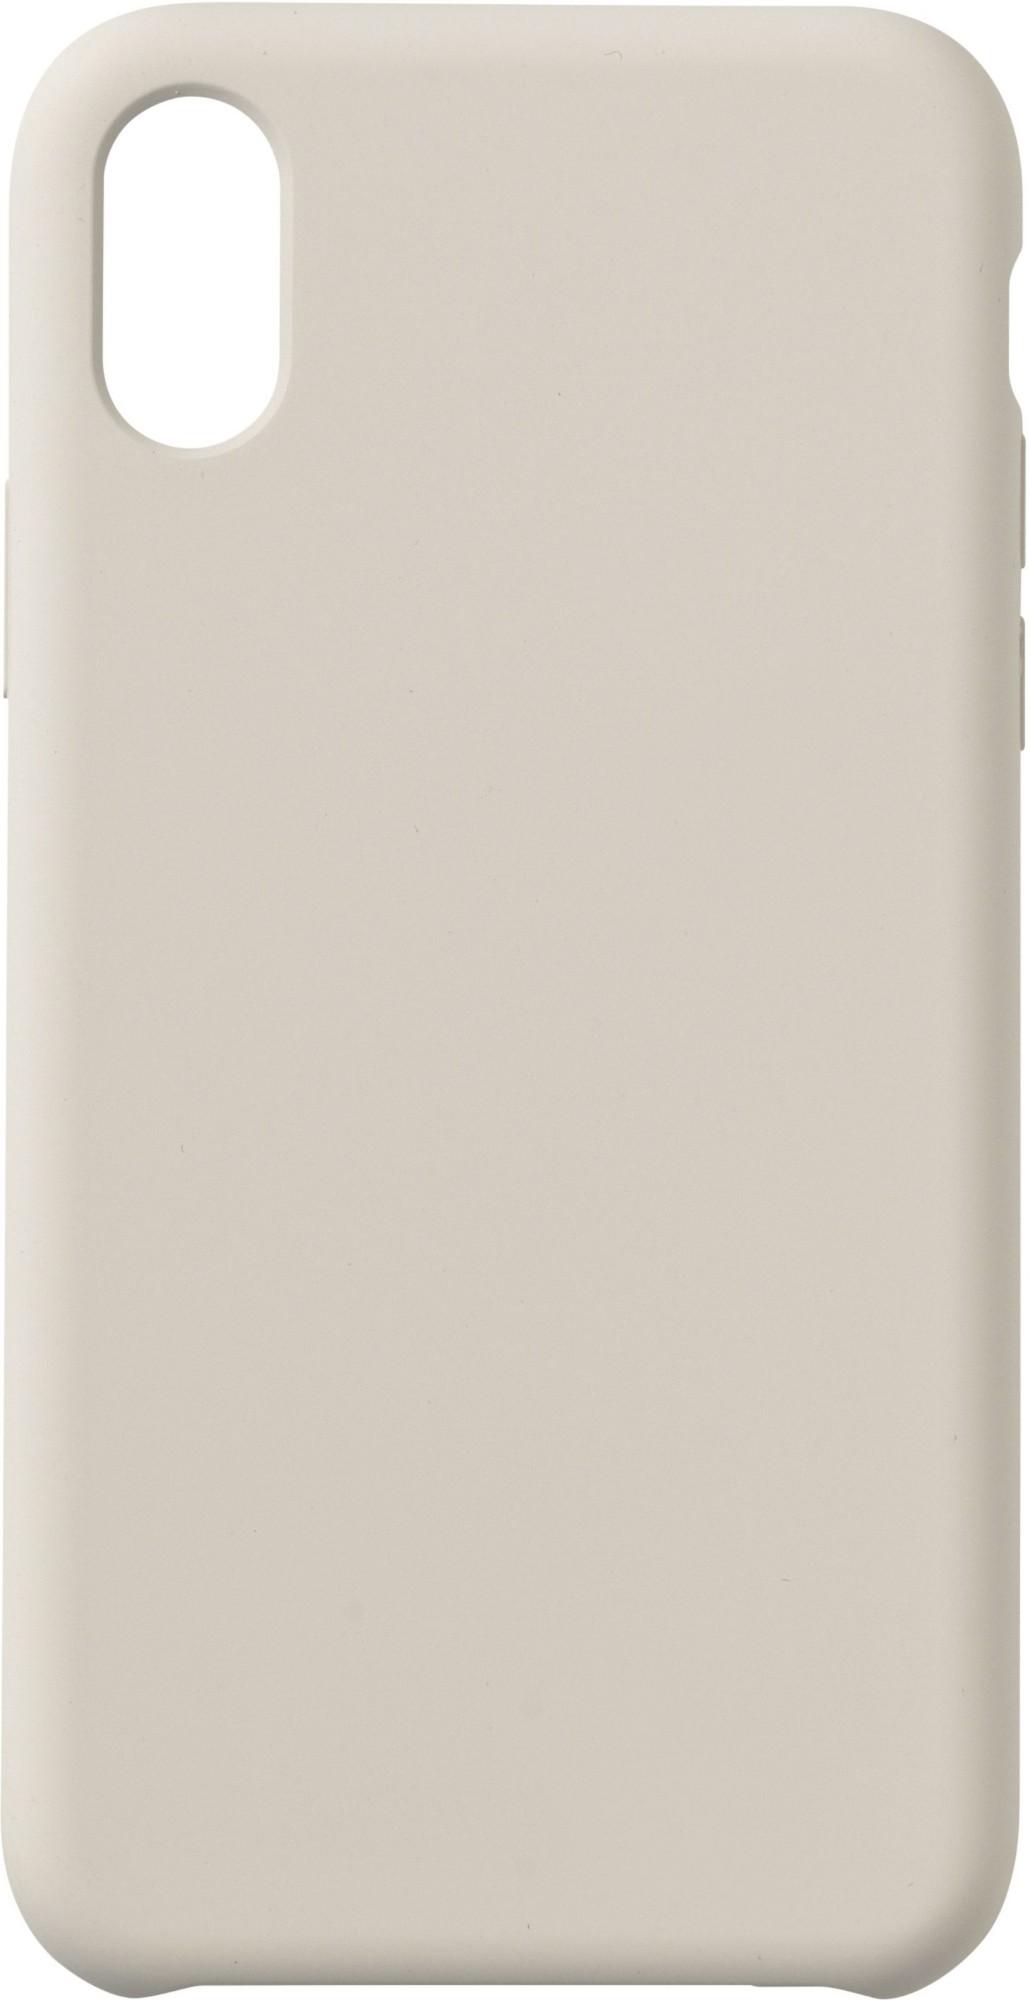 eSTUFF ES671128 mobile phone case Cover Cream, White